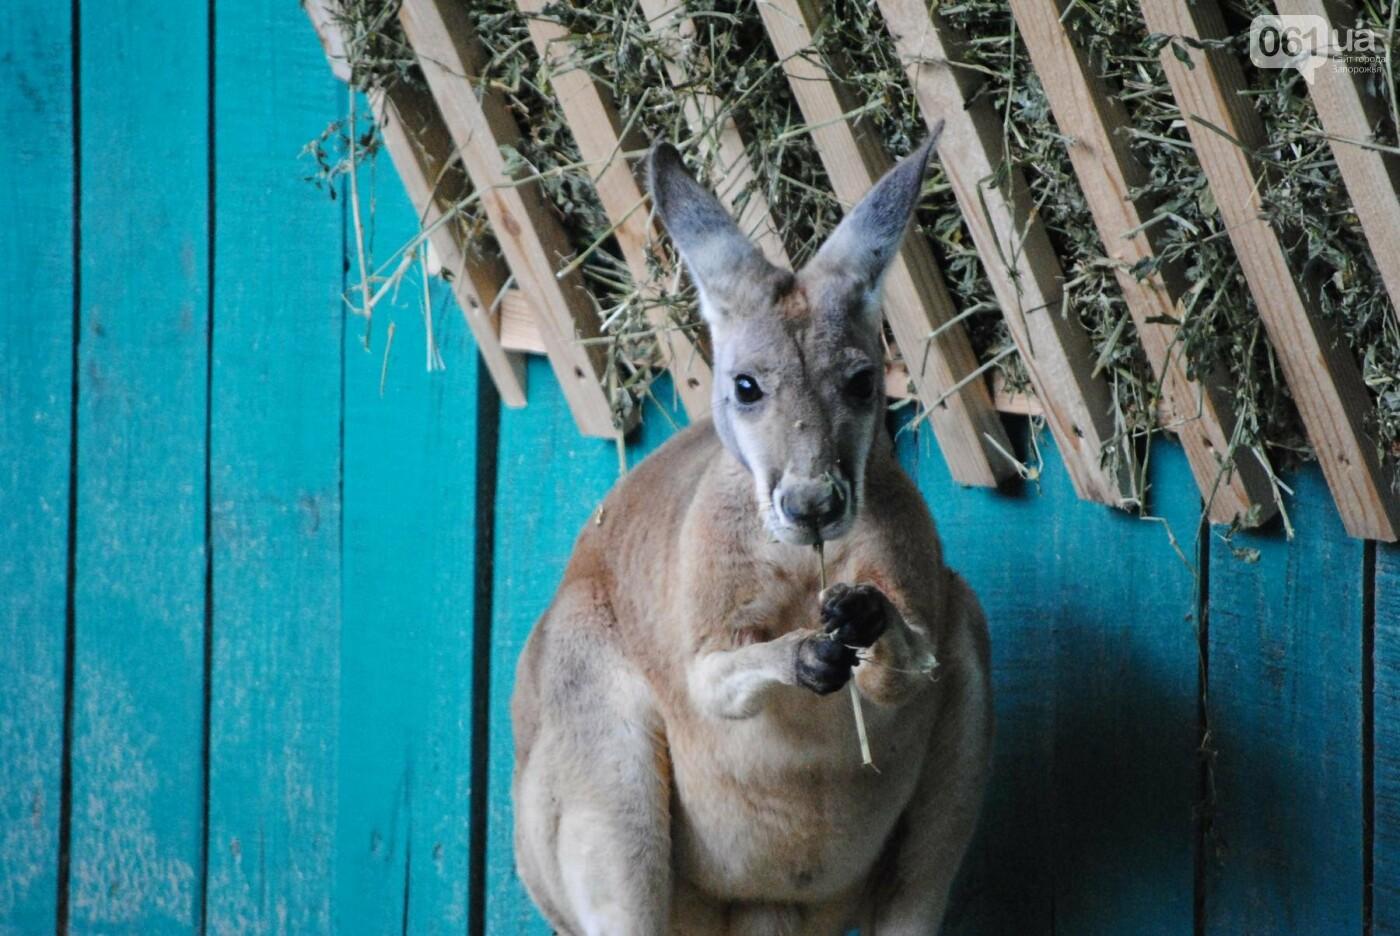 В бердянском зоопарке появились кенгуру: они любят хлеб и скоро станут ручными, - ФОТОРЕПОРТАЖ, фото-14